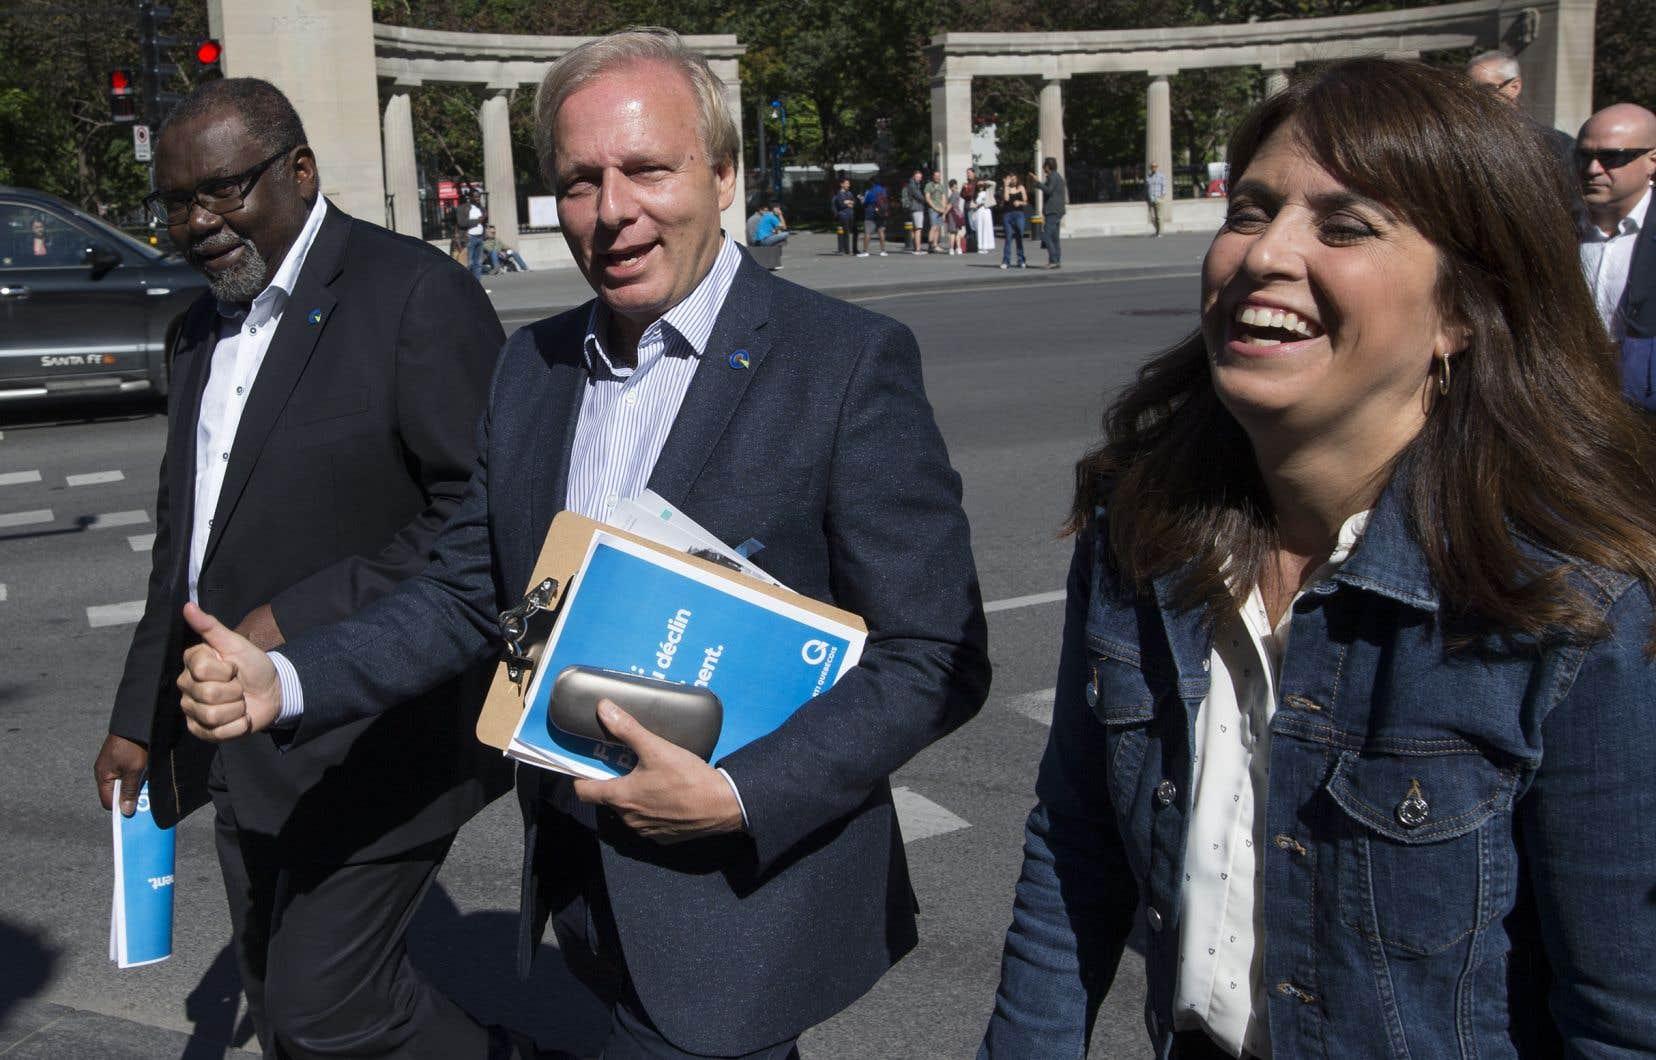 Le PQ suggérera aux cégeps anglophones «d'avoir quatre cours de français pendant chacune des sessions», a lancé Jean-François Lisée